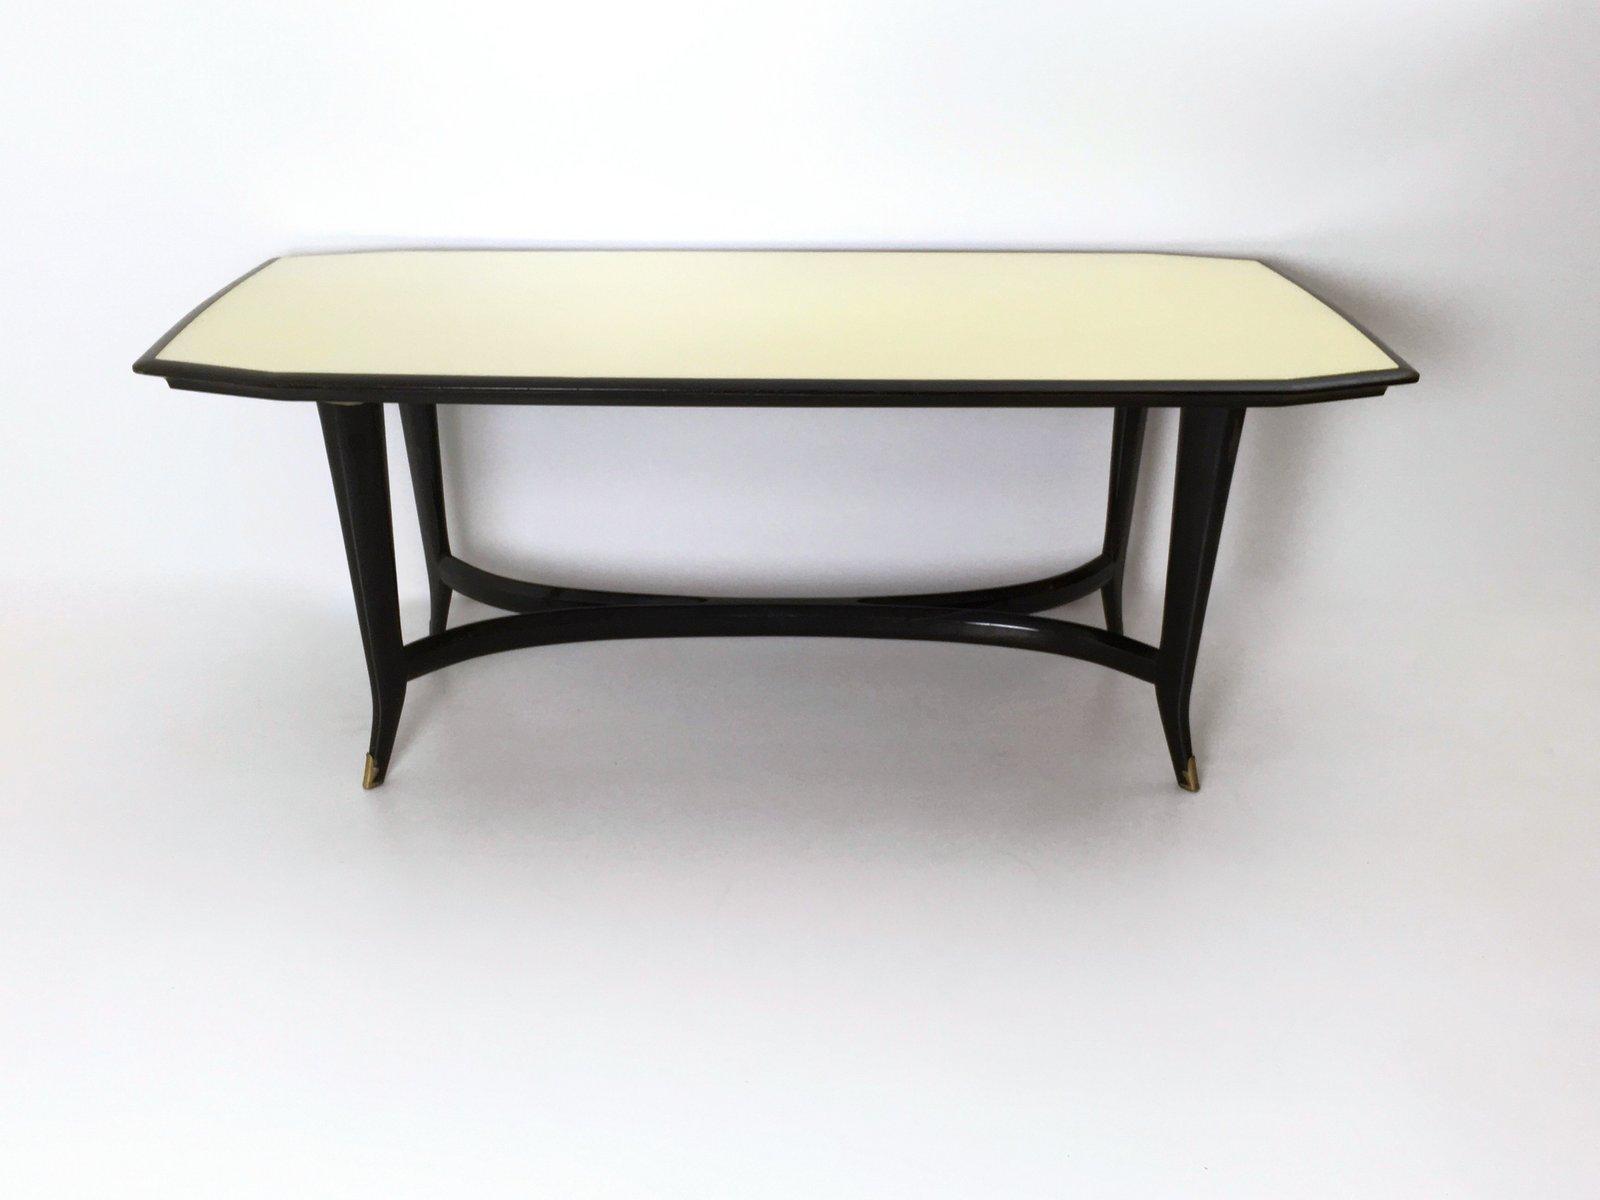 table de salle manger en h tre noirci avec plateau en verre peint italie 1950s en vente sur. Black Bedroom Furniture Sets. Home Design Ideas